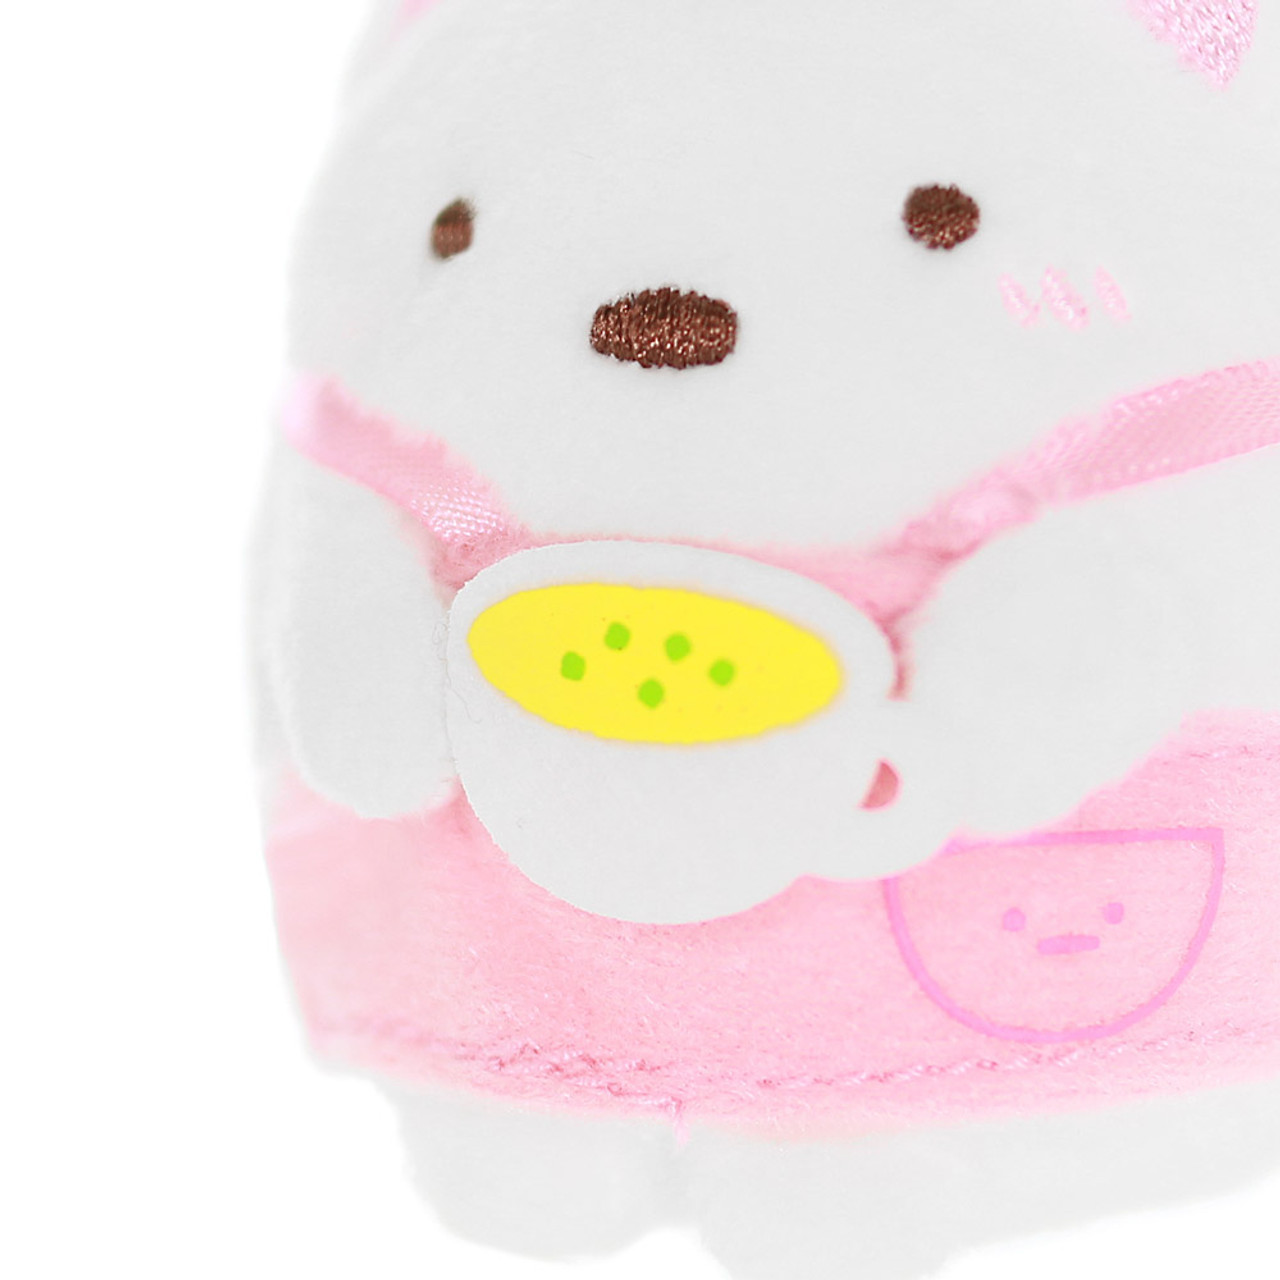 Sumikko Gurashi Polar Bear Palm Stuffed Animal - Chef ( Close-up )